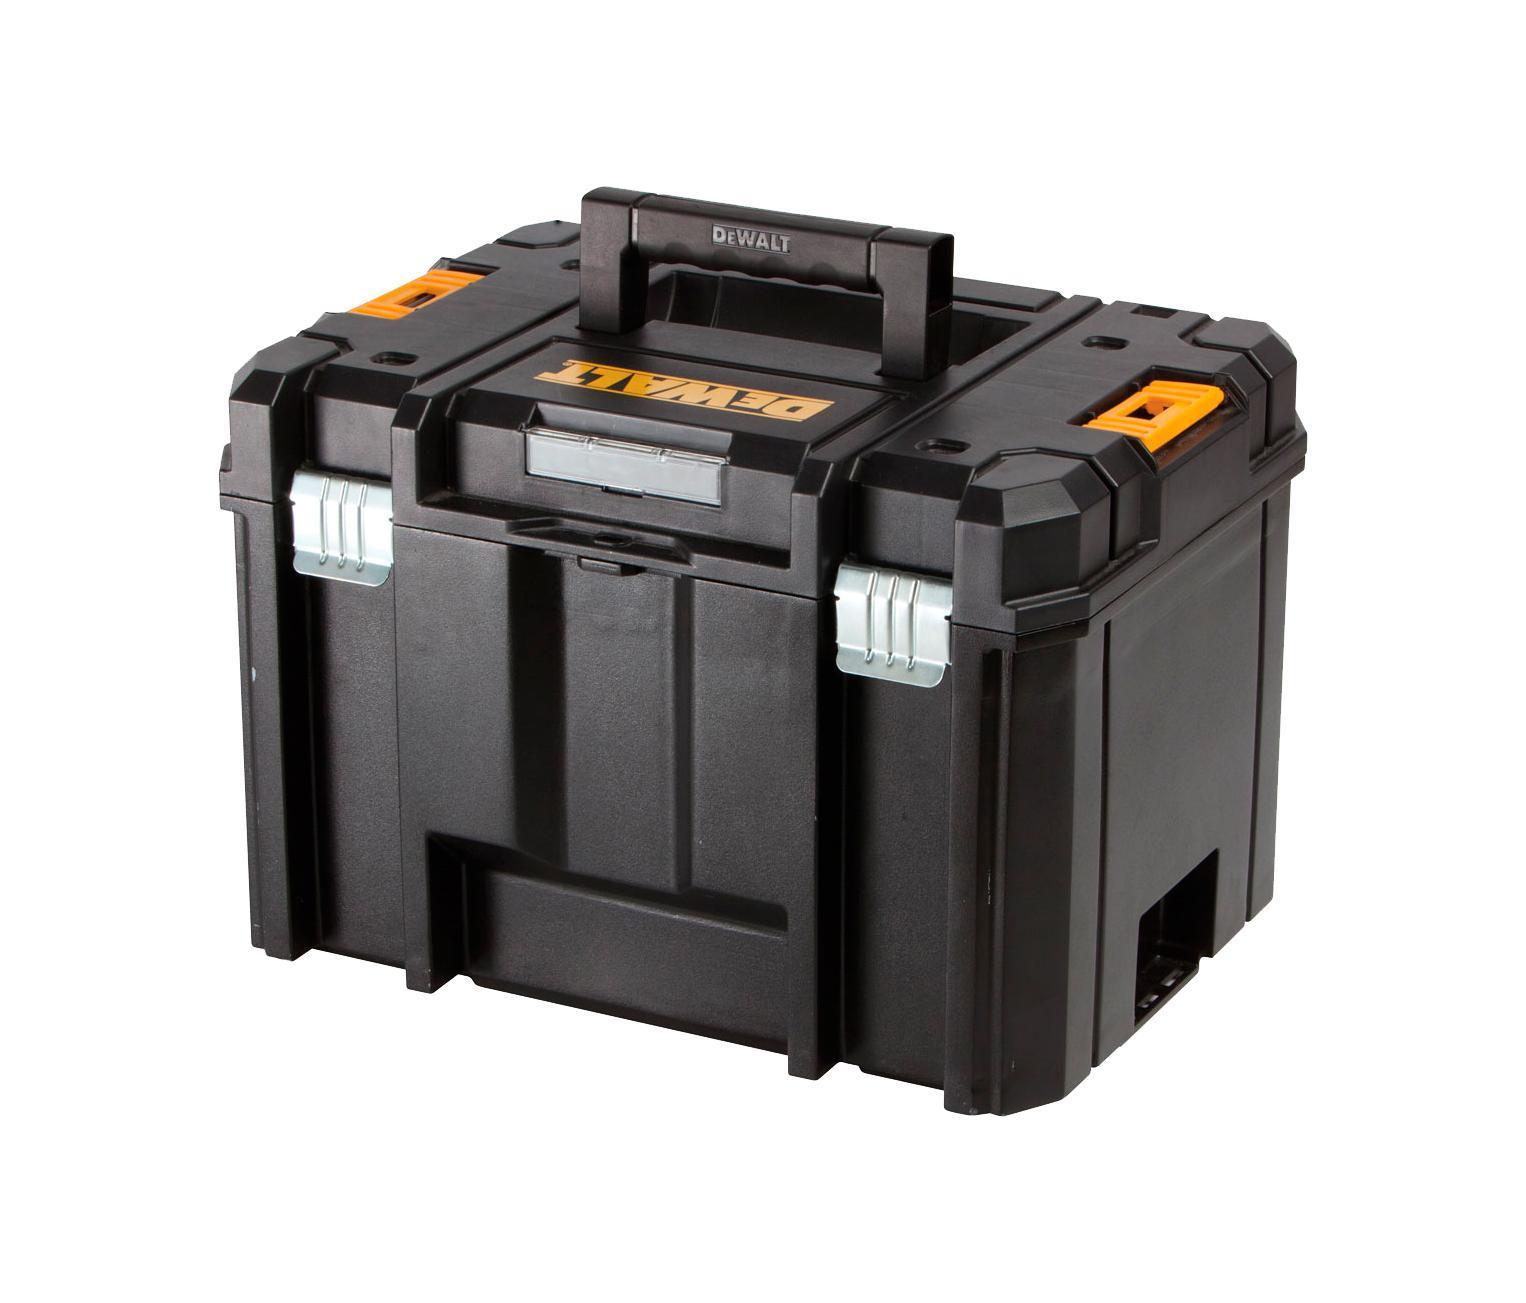 Ящик для инструмента DeWalt Tstak, глубокий, 23 л2706 (ПО)Ящик для инструментов STANLEY DEWALT TSTAK DWST1-71195 — это отличный ящик с дополнительными креплениями. Ящик сделан из пластмассы. В ящике вы найдете маленькие отделения для шурупов, винтов, гвоздей, бит, сверел и прочей мелочи. Этот ящик совмещает систему хранения и удобной транспортировки инструментов. Безопасная система фиксации ящиков и защиты от воды, пыли и грязи точно порадует вас. Ящики можно комбинировать и использовать только необходимые в конкретный момент.